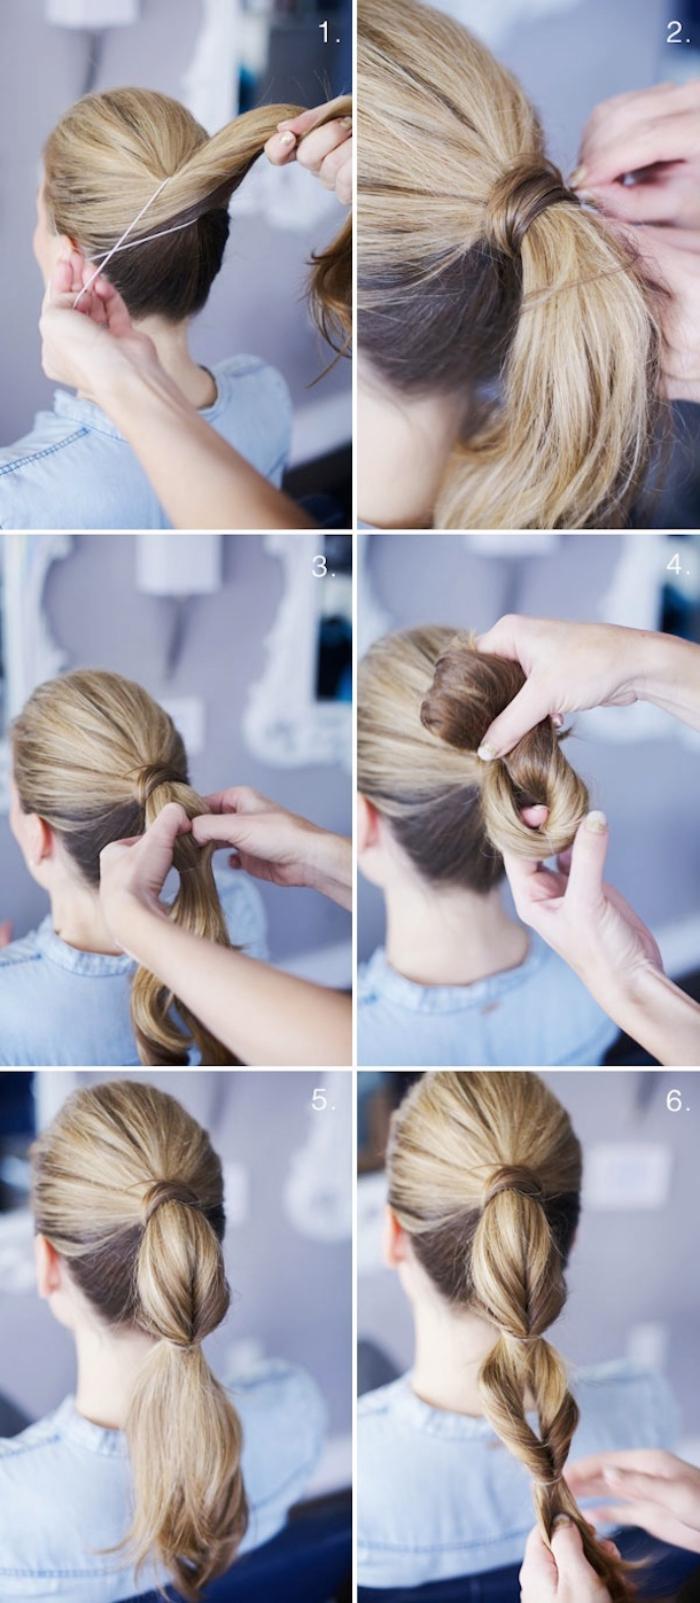 Acconciature facili, tutorial per legare i capelli, donna con capelli biondi